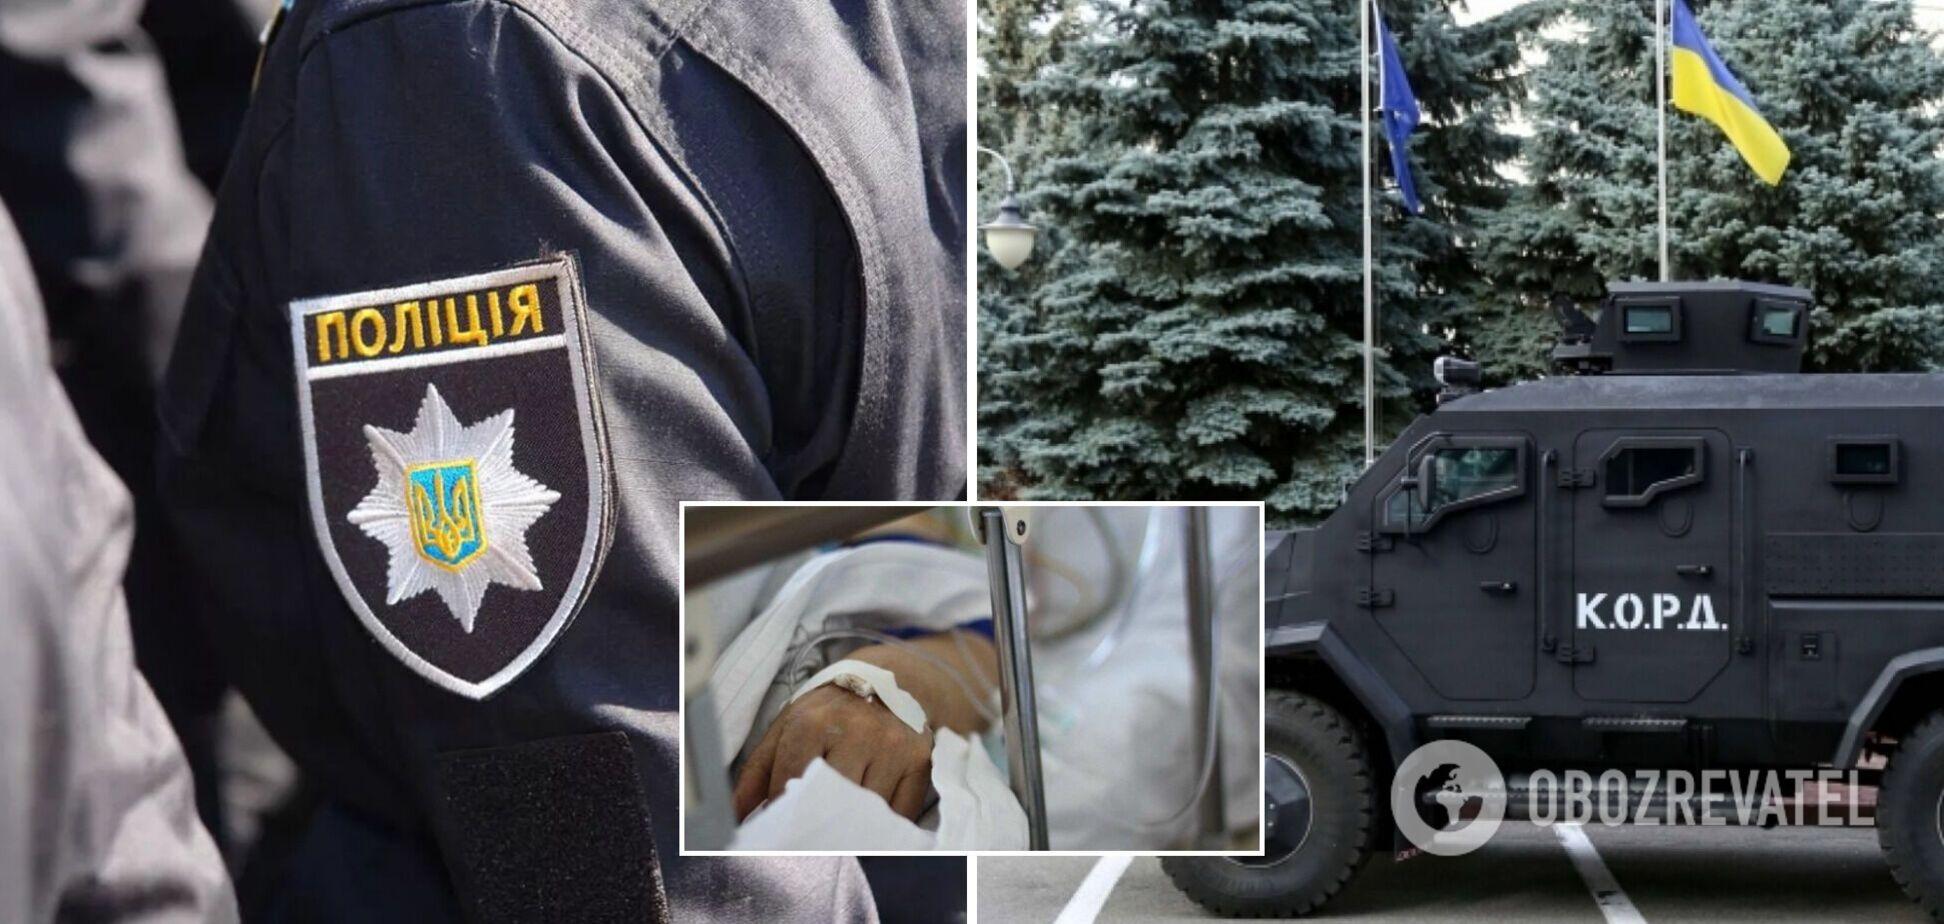 В Черновцах мужчина умер от инфаркта после задержания полицией